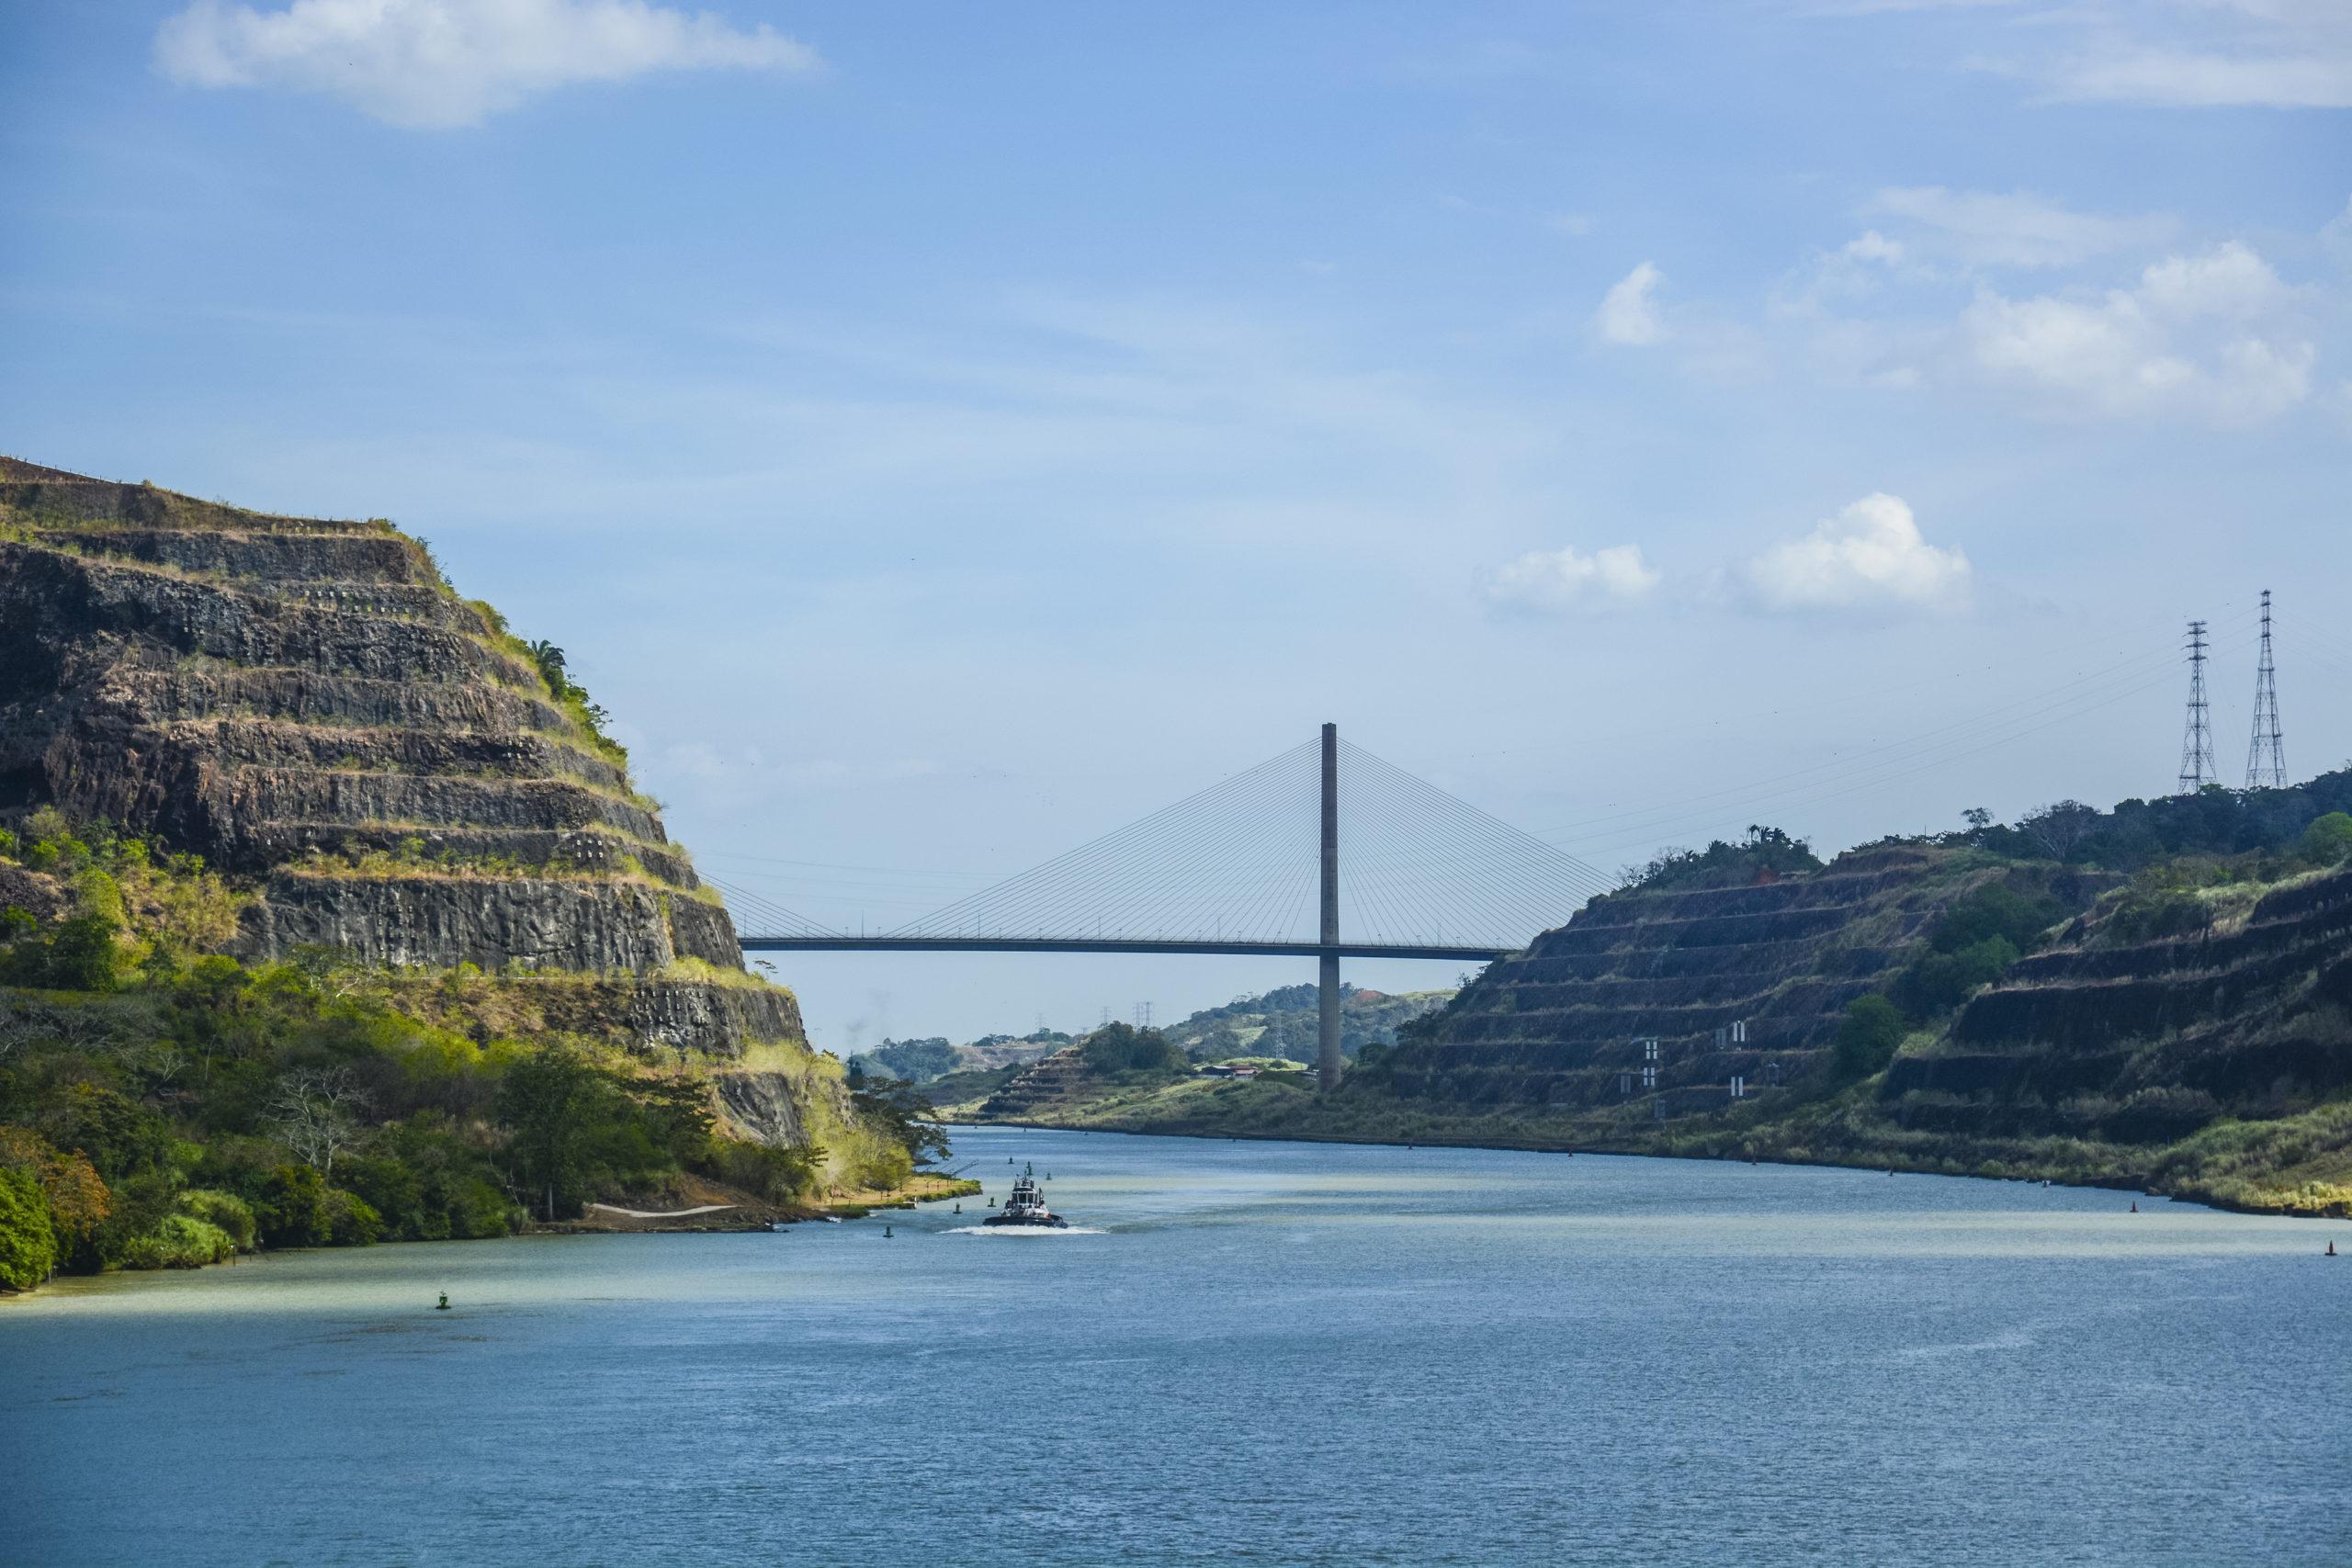 Looking towards Centennial Bridge from Culebra Cut, heading towards the Pacific ocean from the Atlantic ocean via Panama Canal.